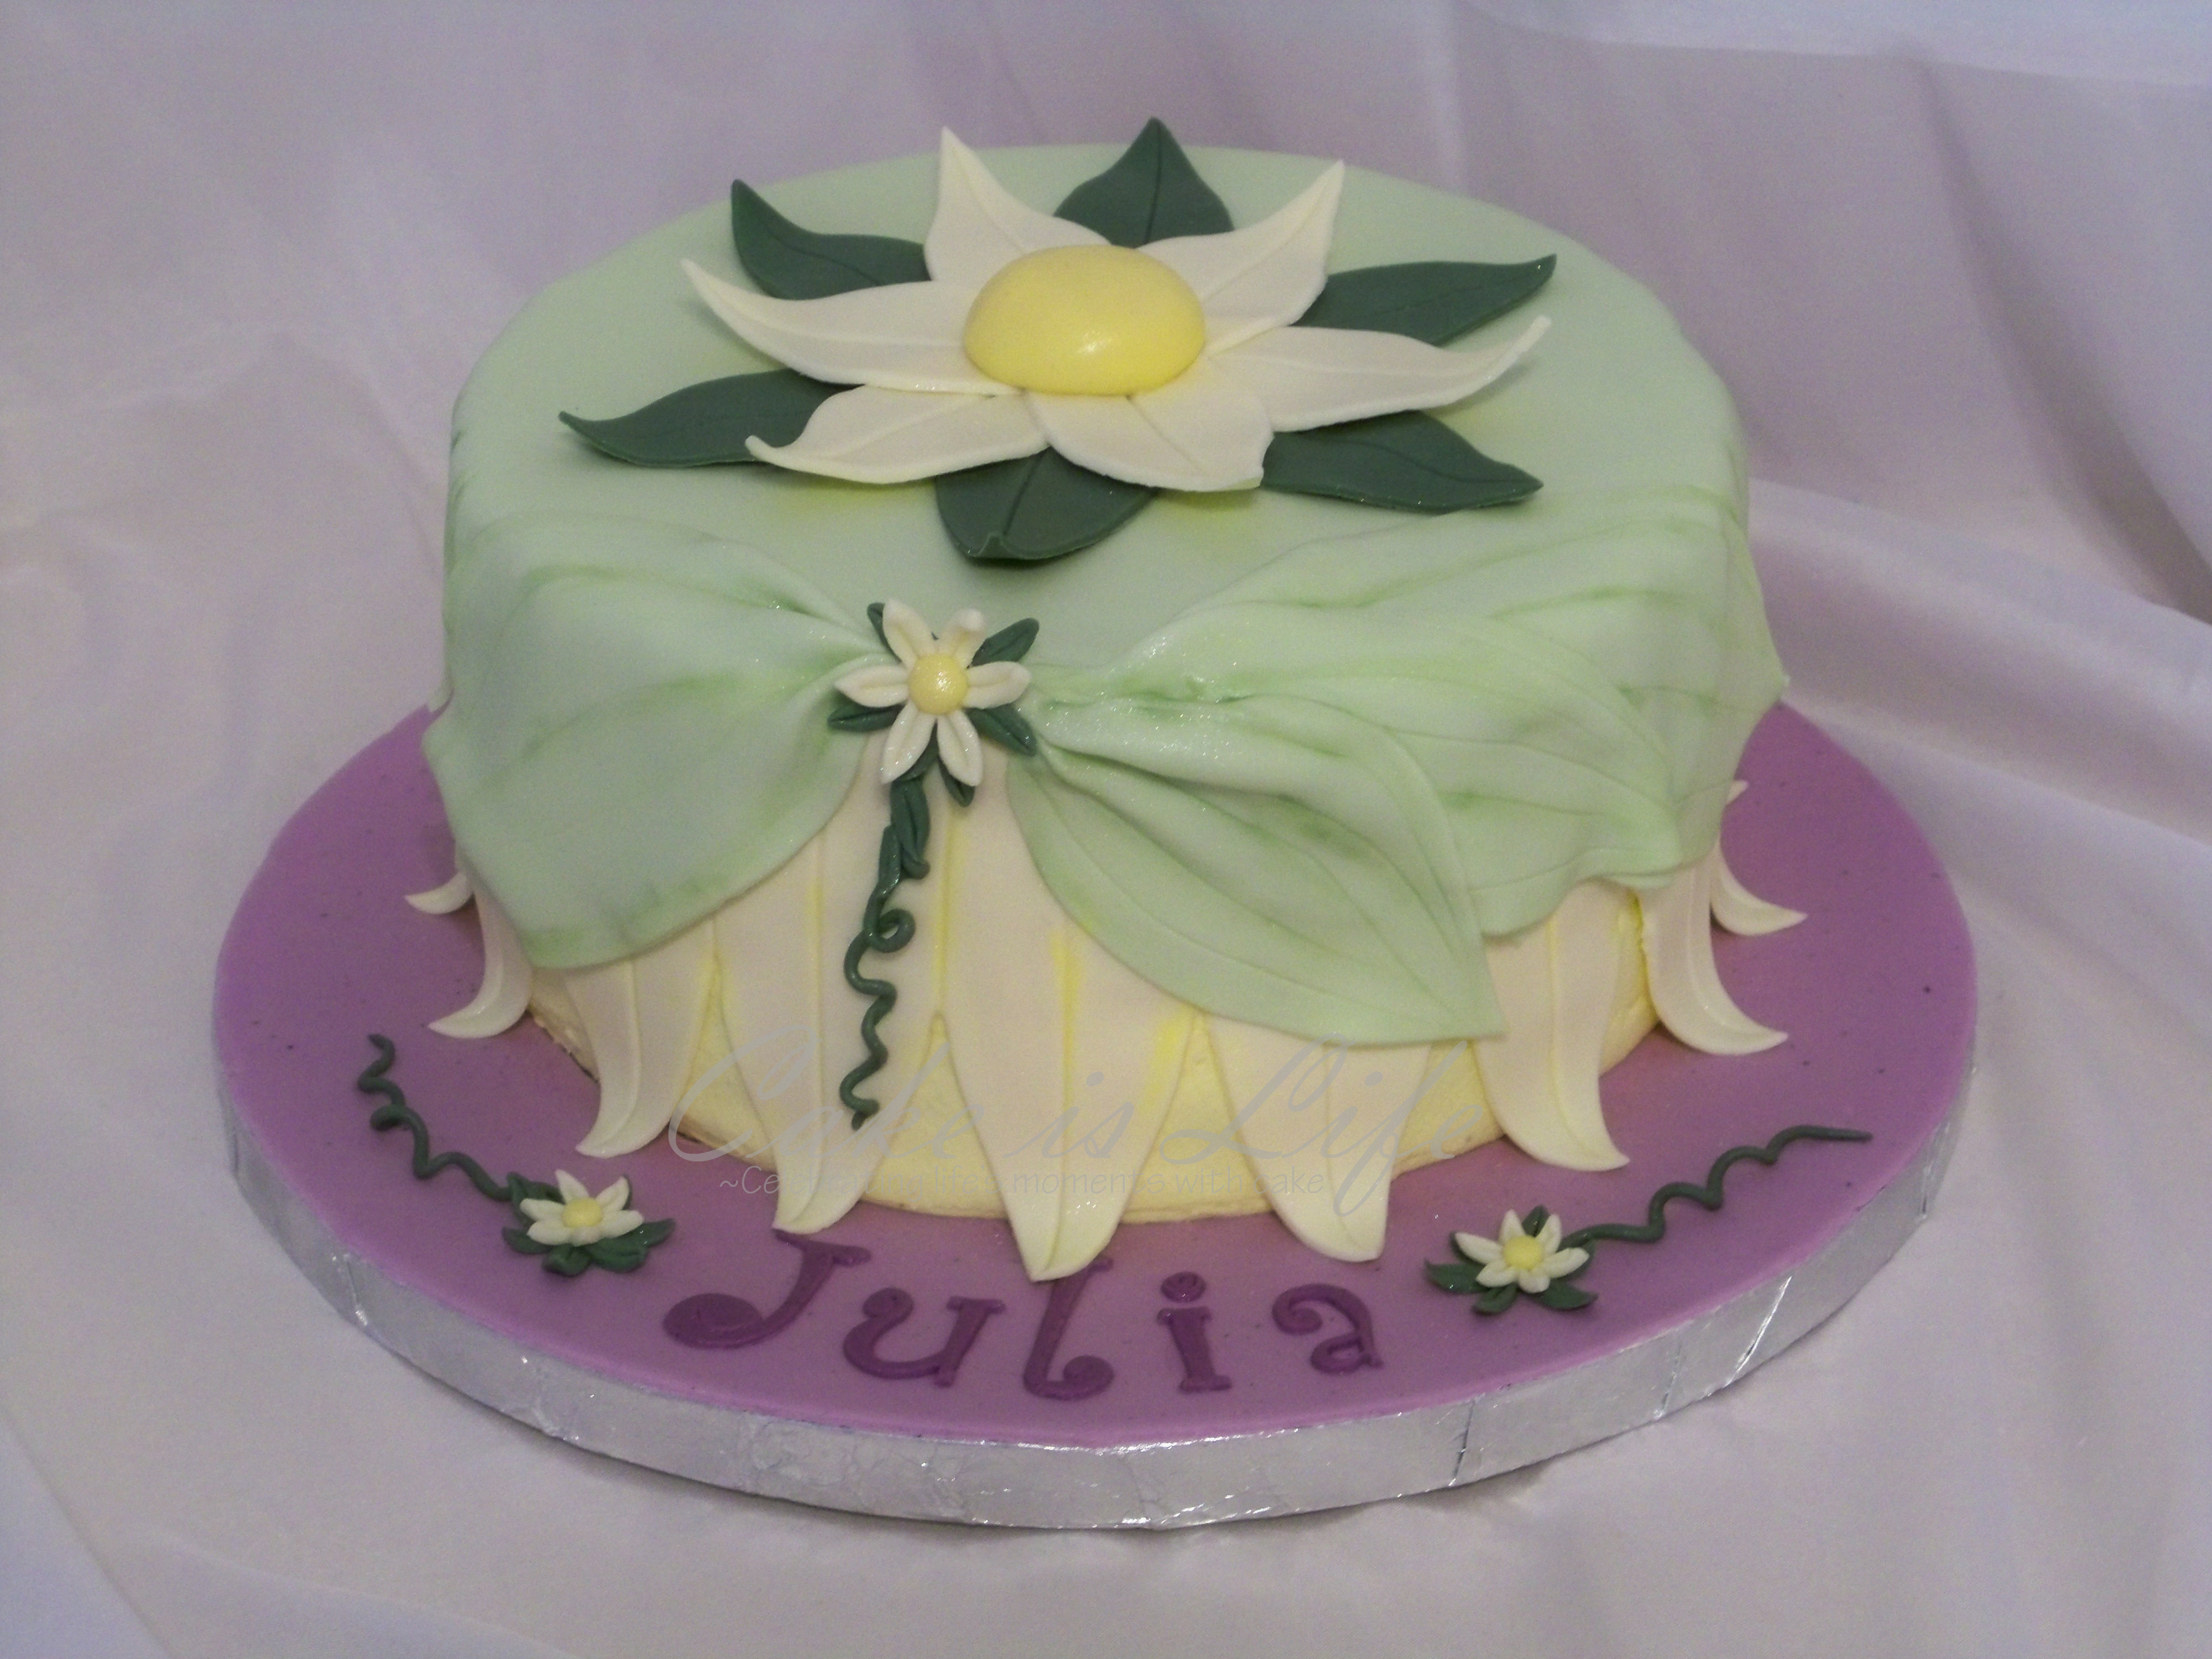 Princess Tiana Cake Images : My Princess Tiana cake Cakes and cupcakes Pinterest